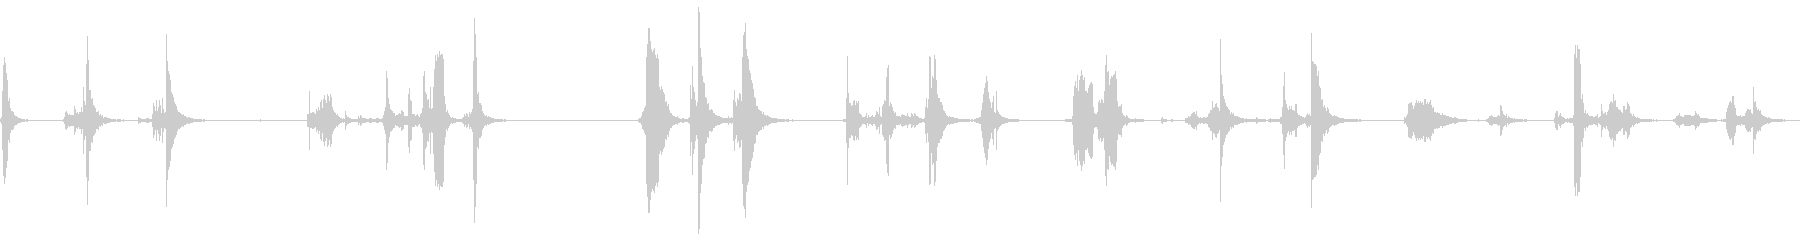 ドアメタルラッチスキール古いの未再生の波形